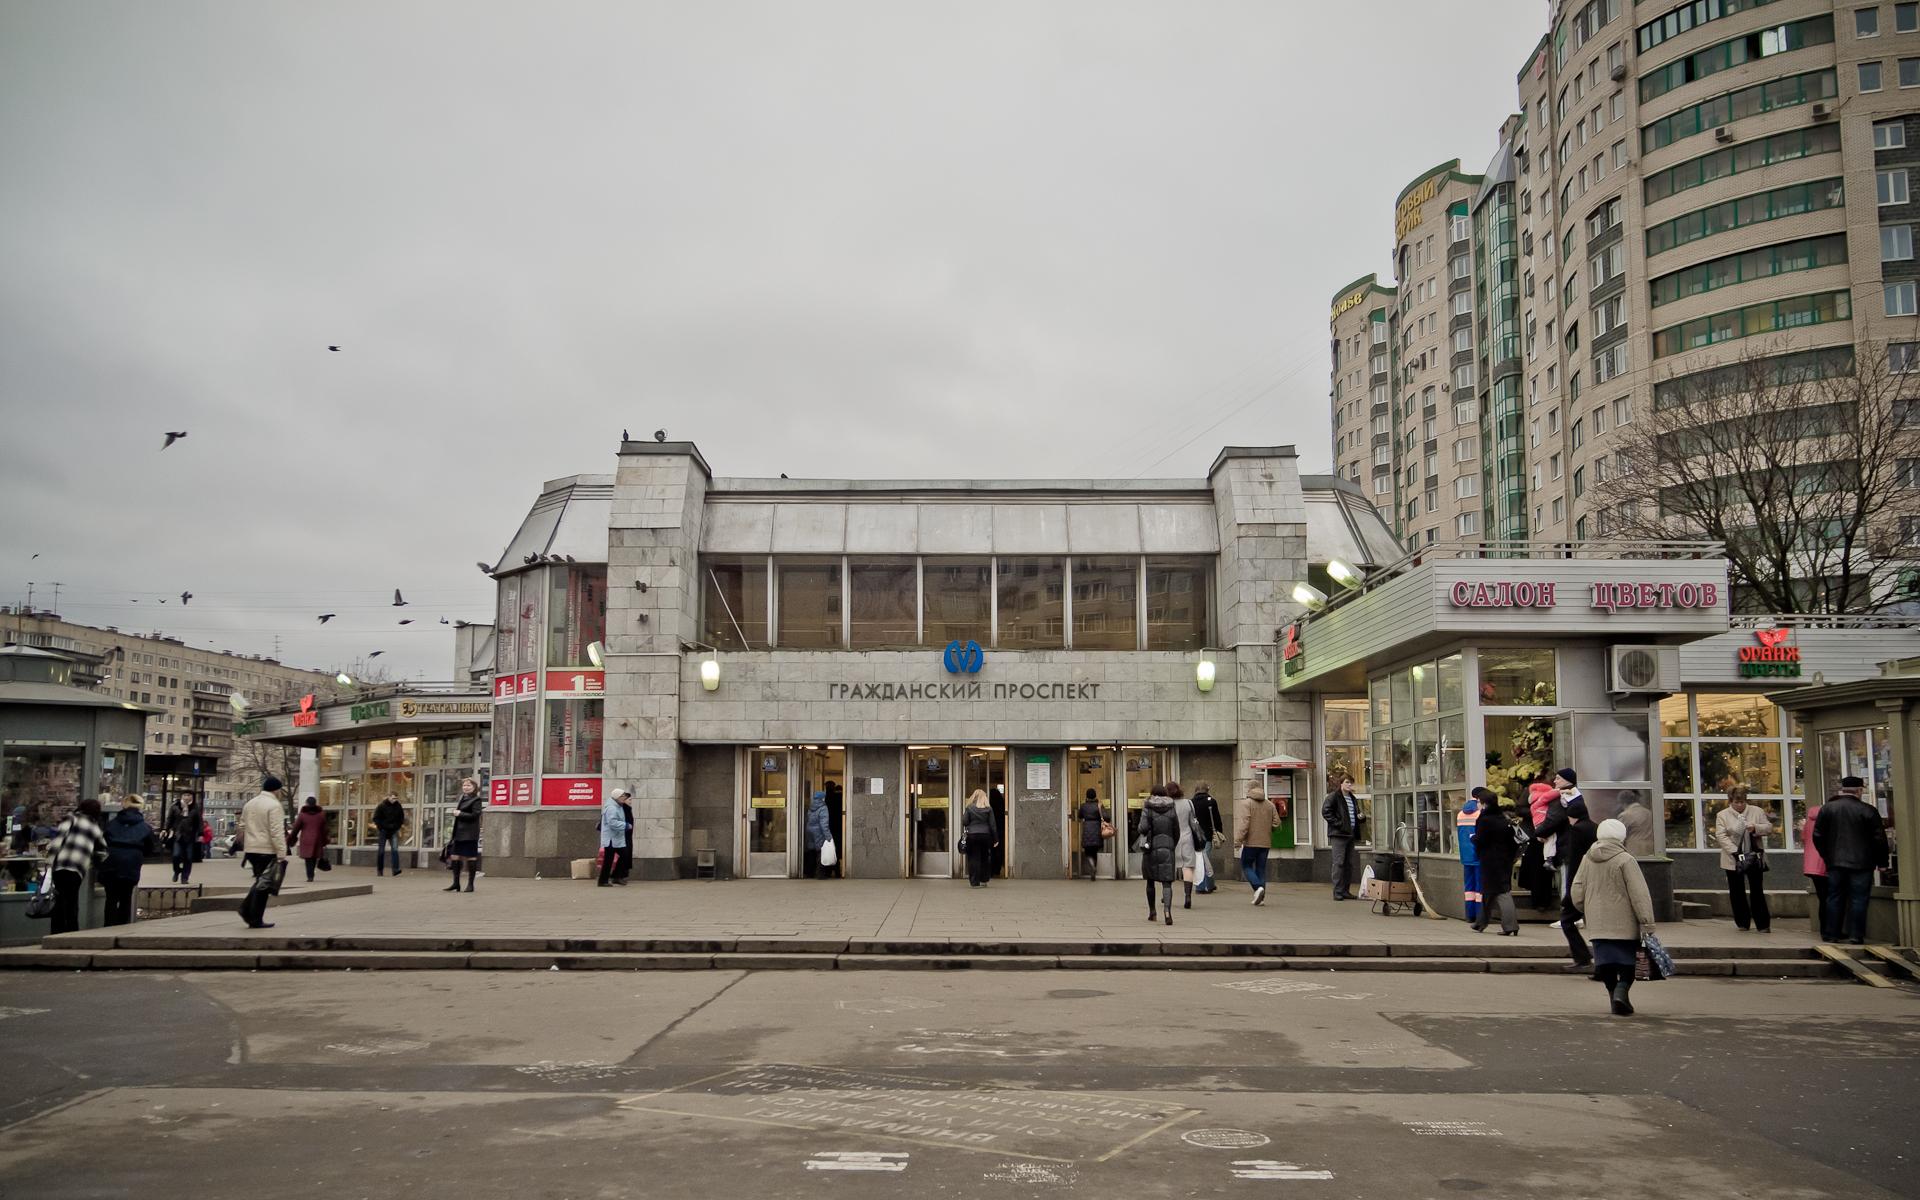 Секс шоп гражданский проспект 2 фотография